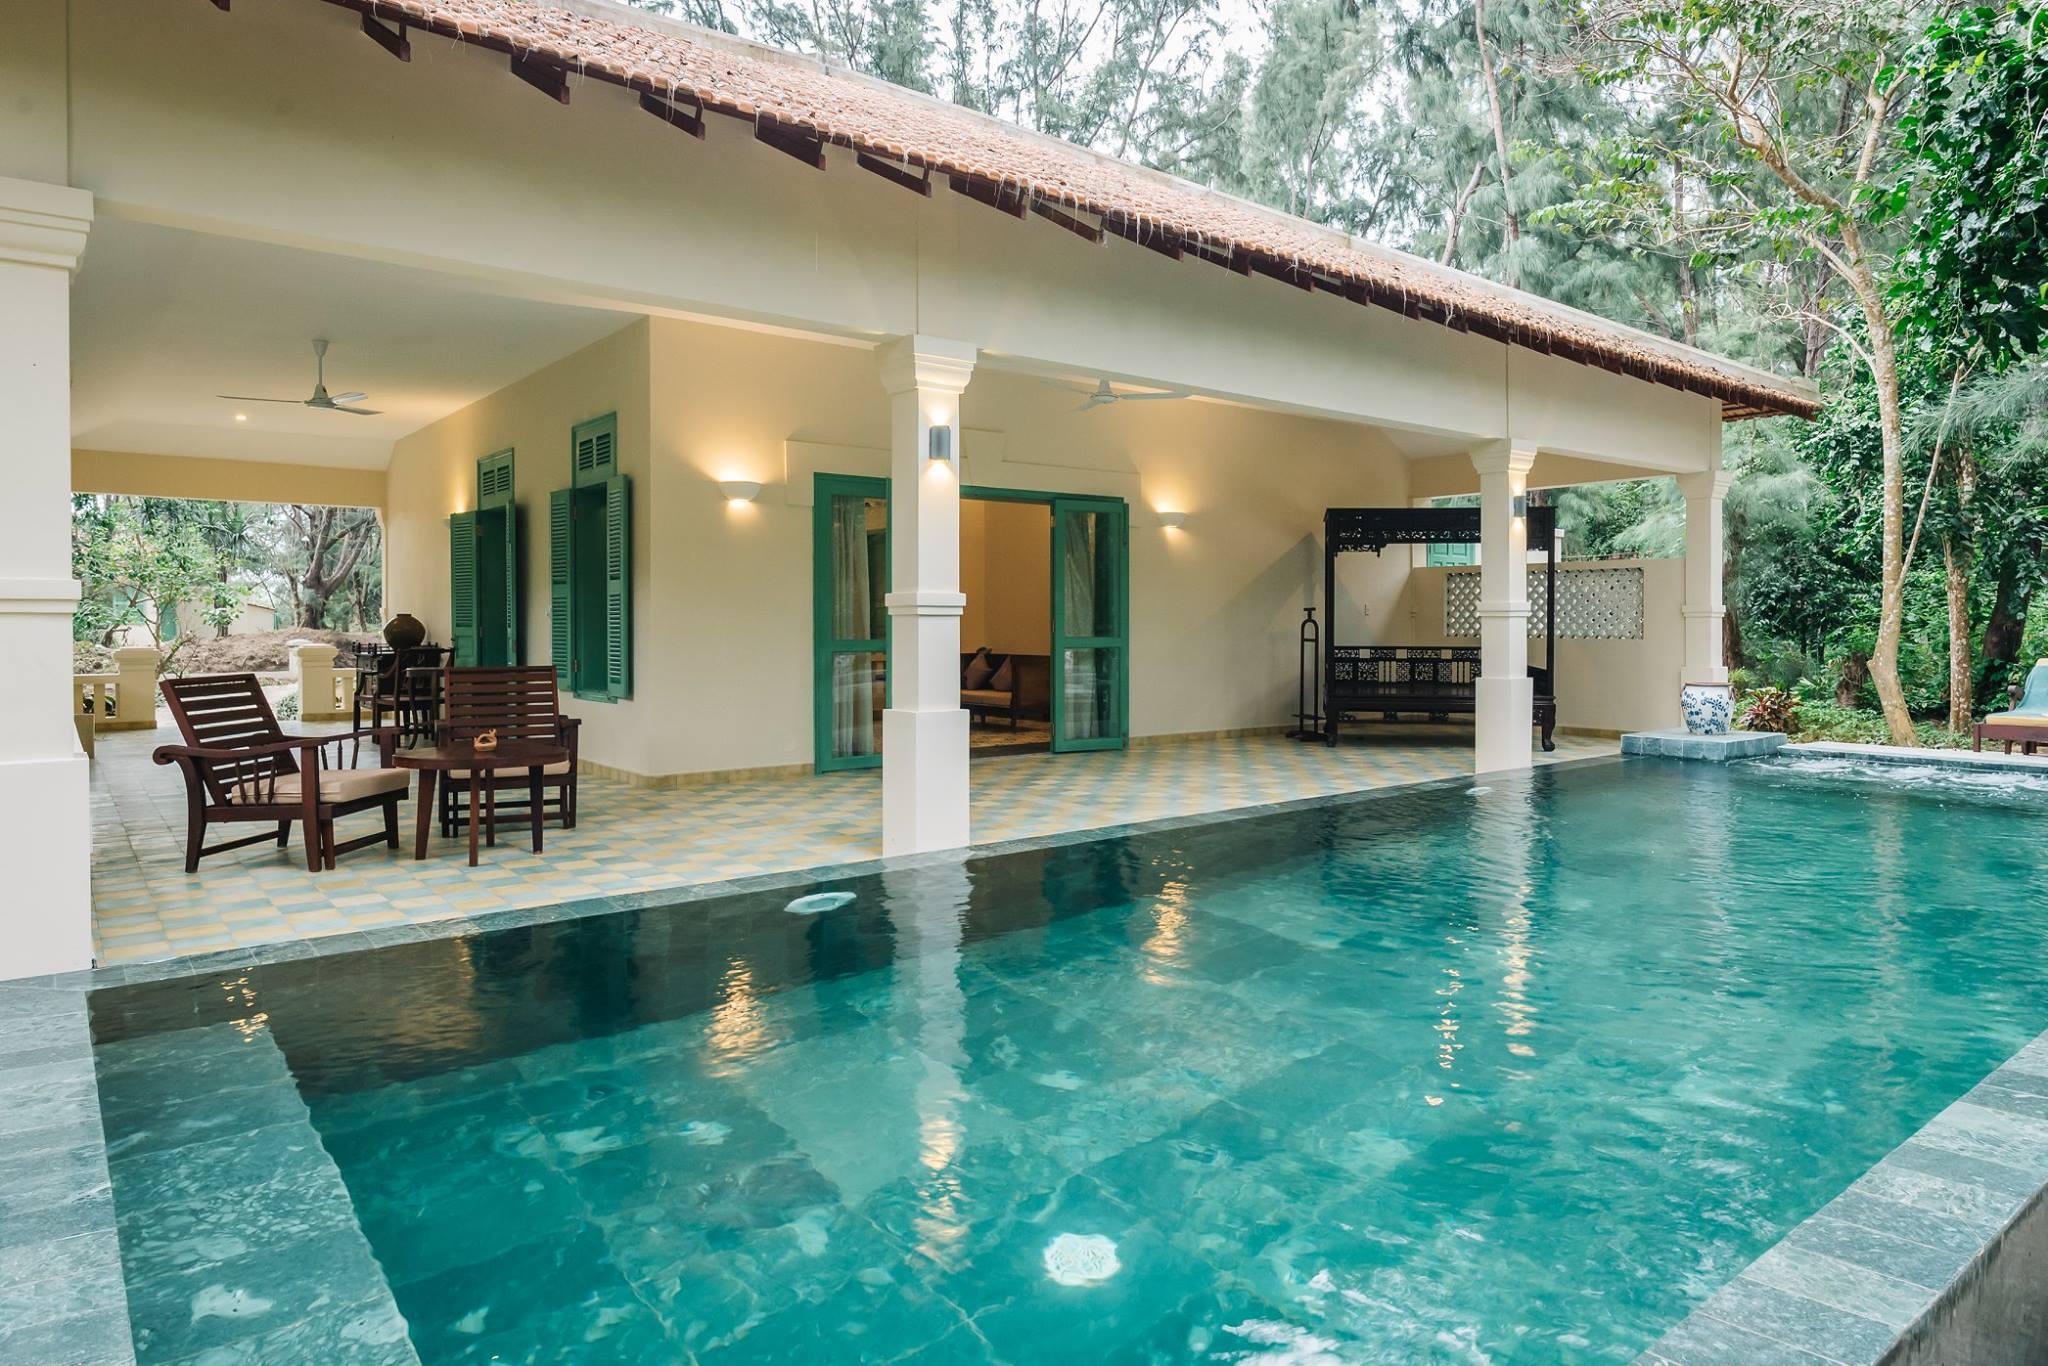 Poulo Condor Resort Côn Đảo tuyển dụng nhân sự